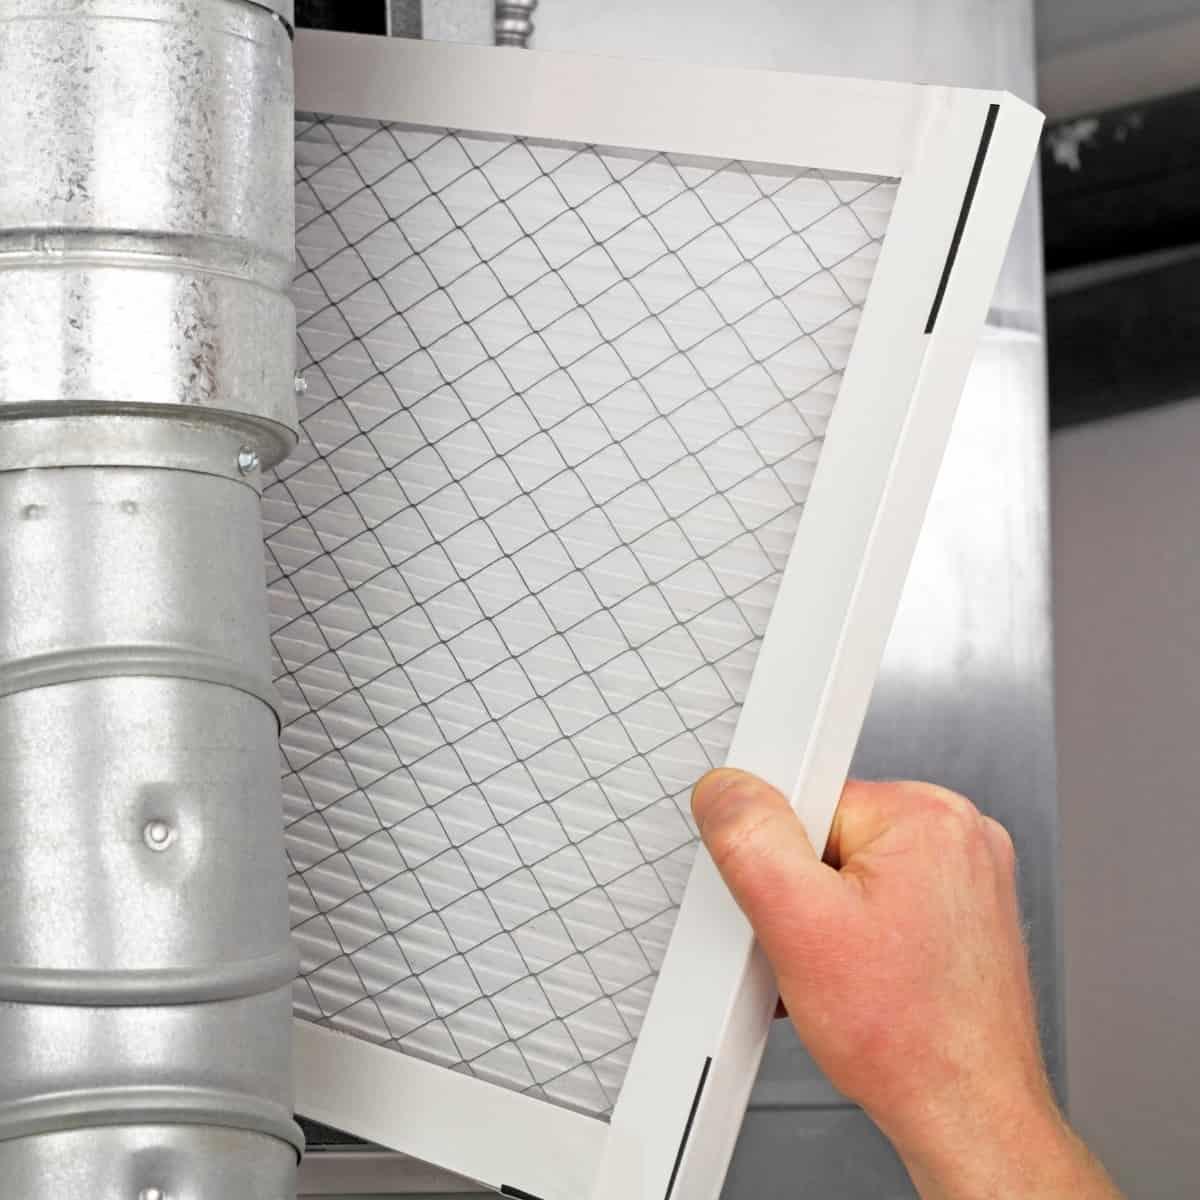 replacing the furnace filter